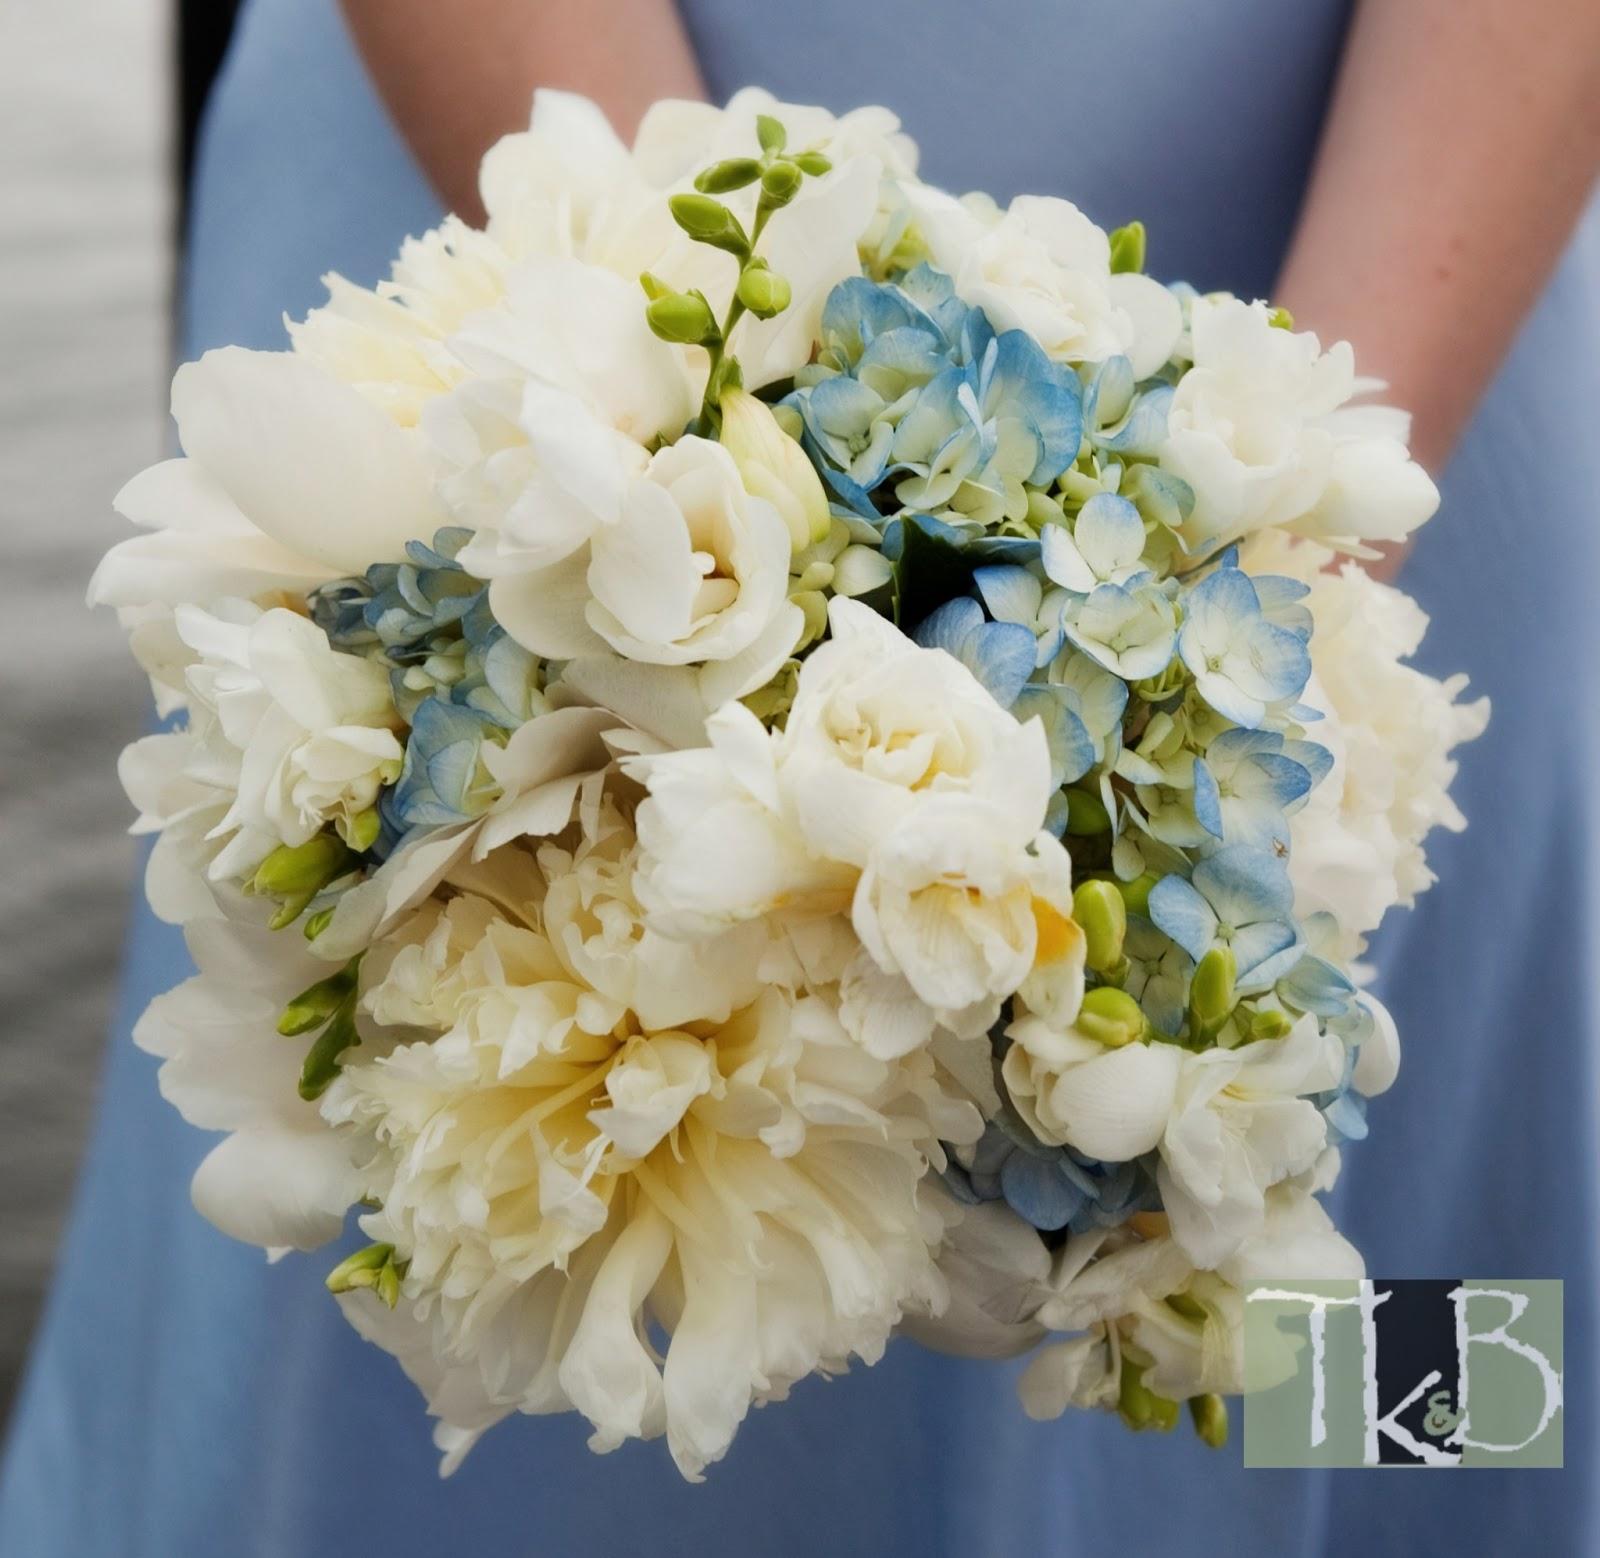 Wedding Flowers In Season In January : Terri krisavage weddings